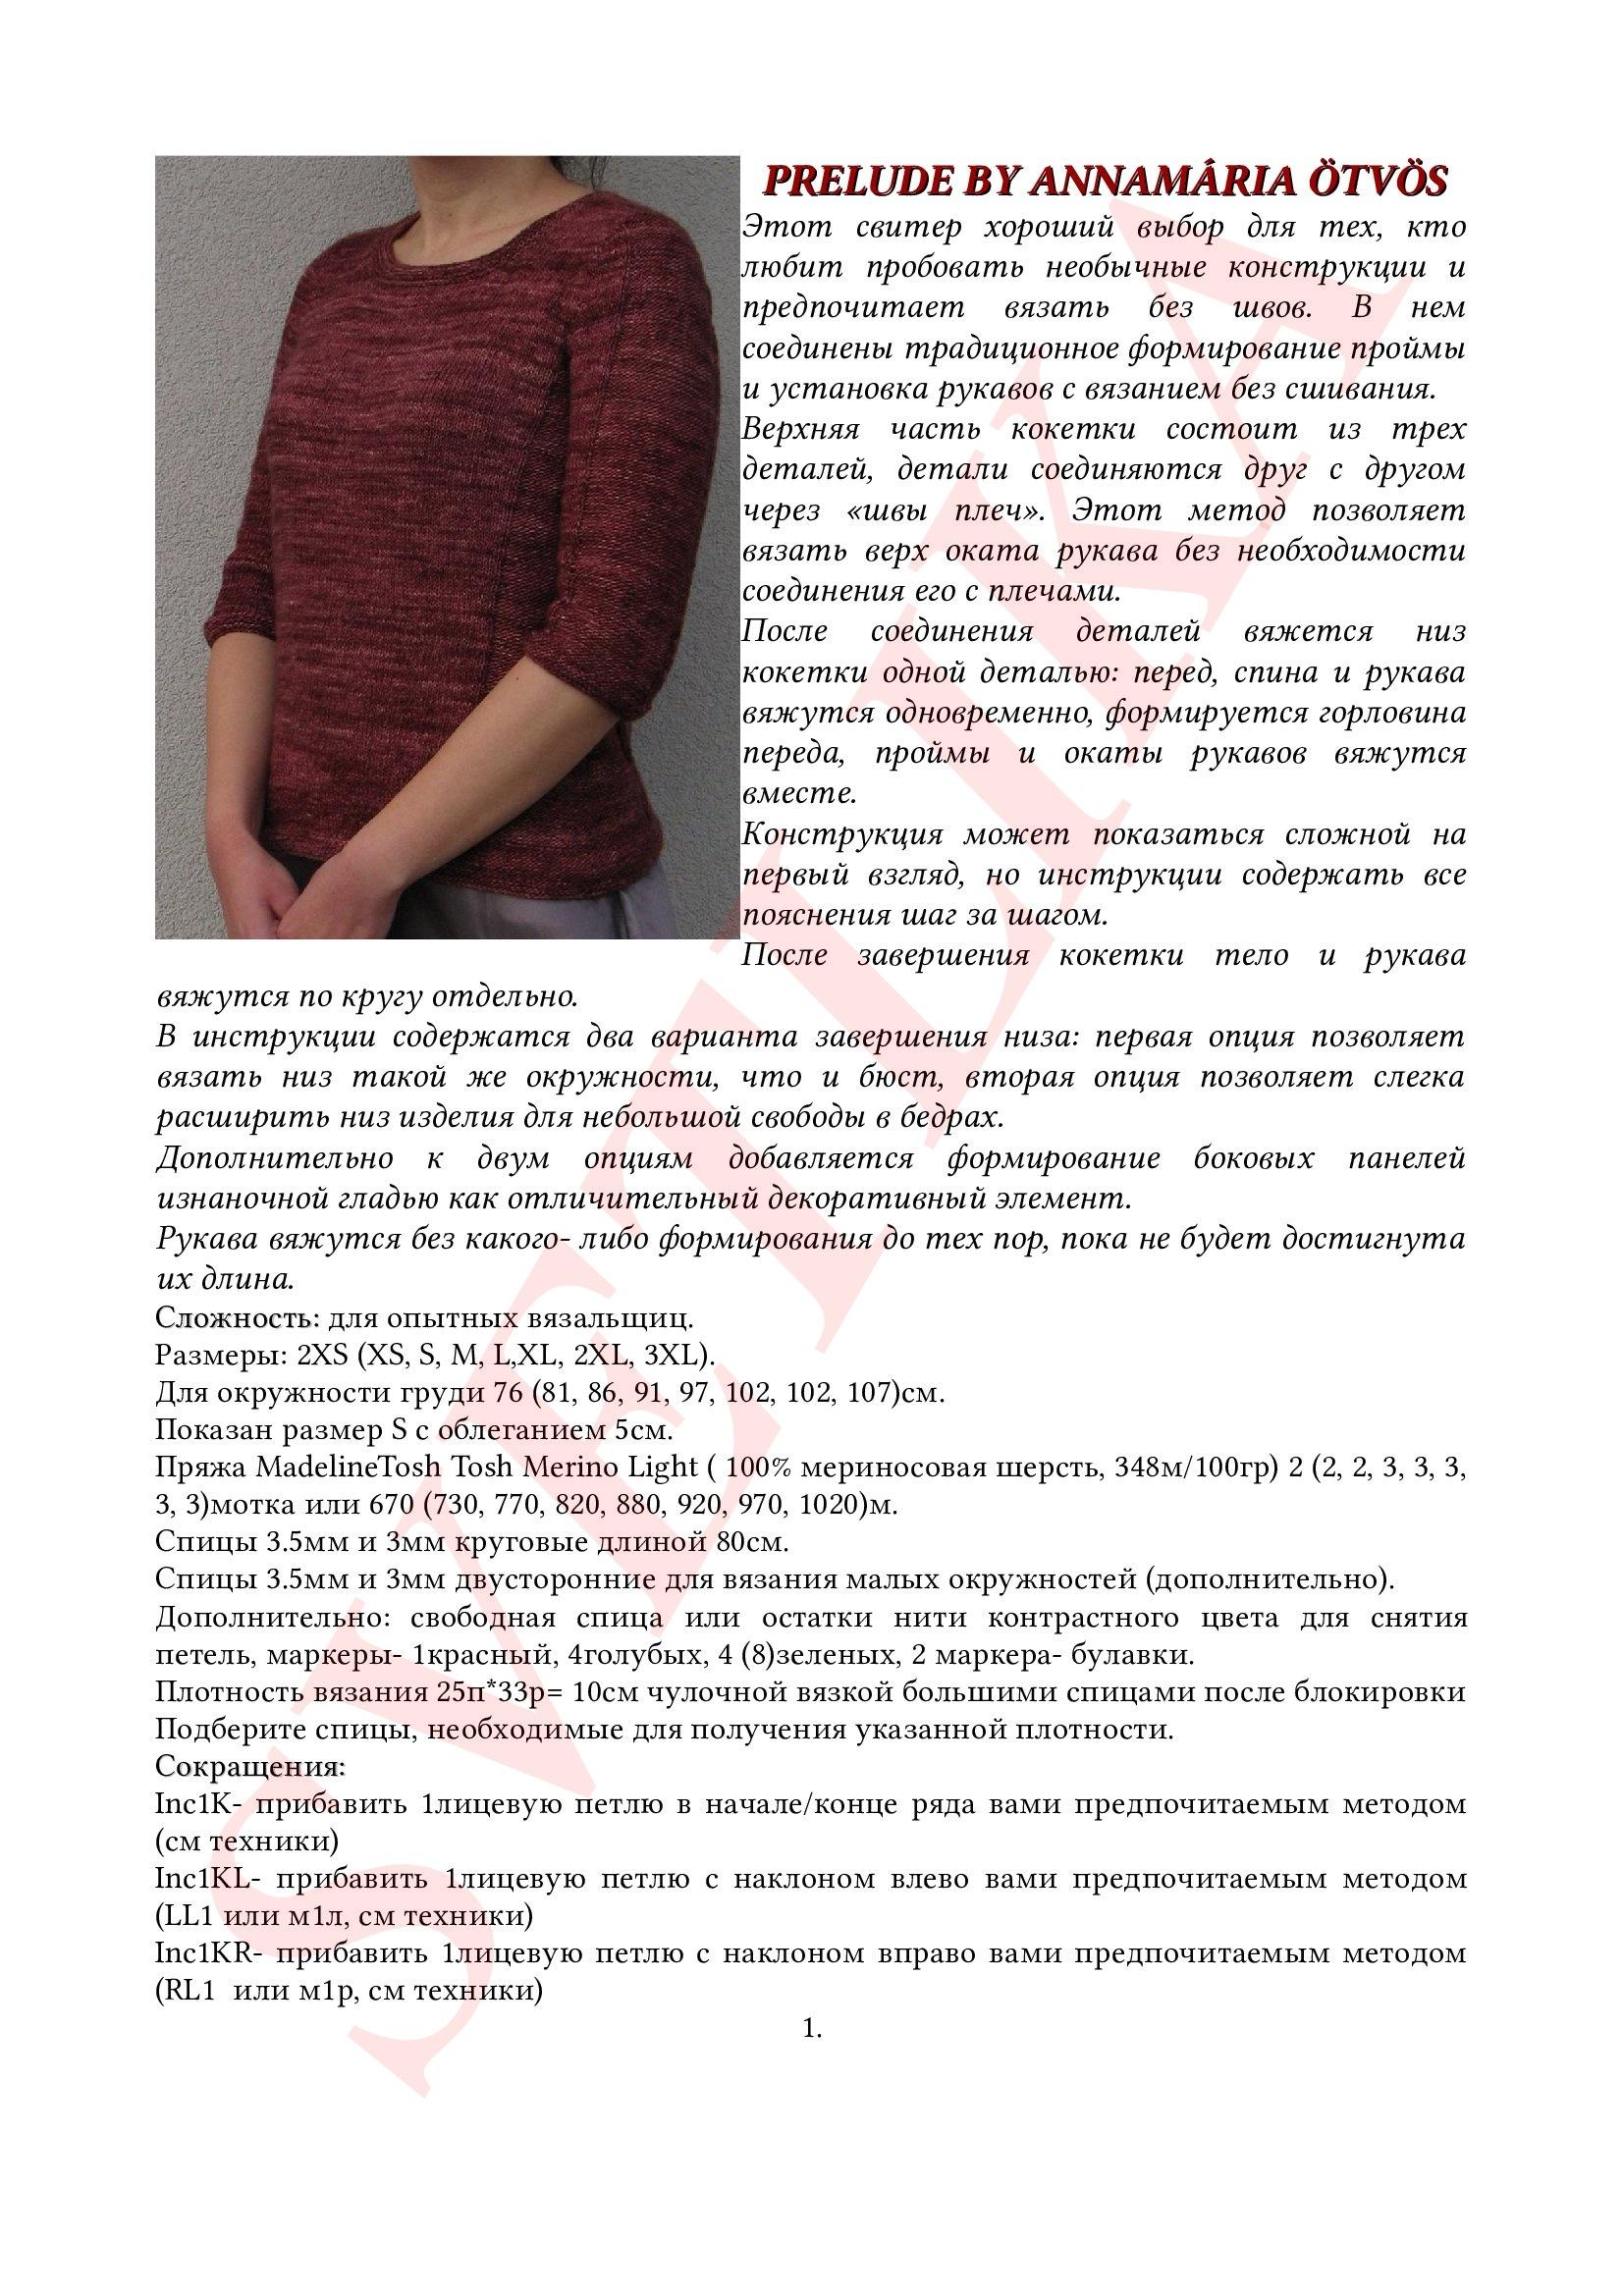 https://img-fotki.yandex.ru/get/174613/125862467.a6/0_1ba547_9ad7f7e0_orig